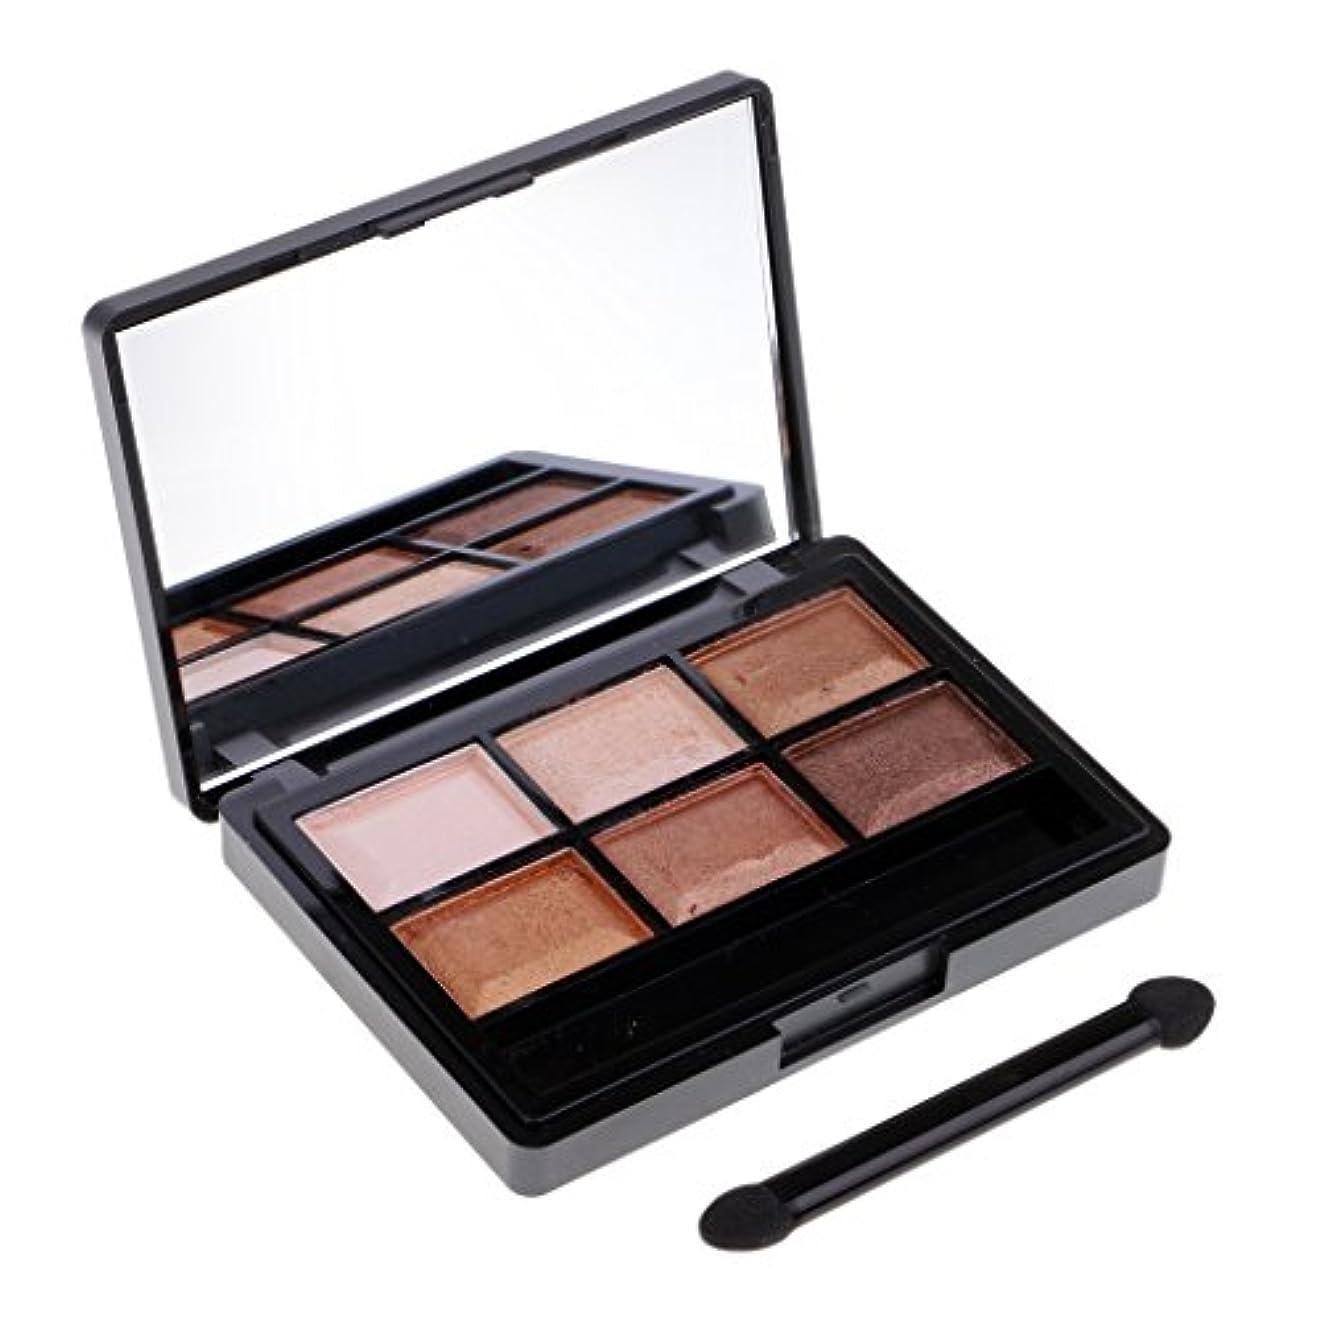 ウェイター前文新しい意味6色アイシャドウ化粧パレットアイシャドウ顔料ペレットブラシセット - 04#アースカラー